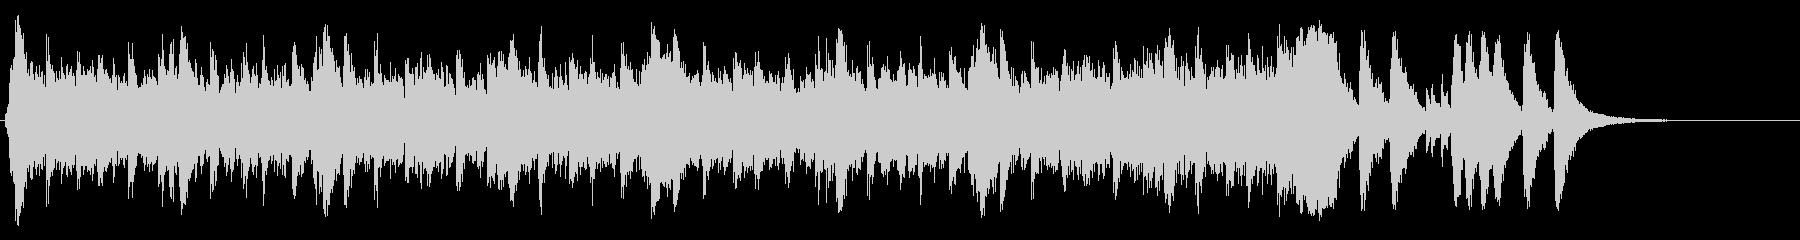 ハリウッド系アイキャッチ04の未再生の波形